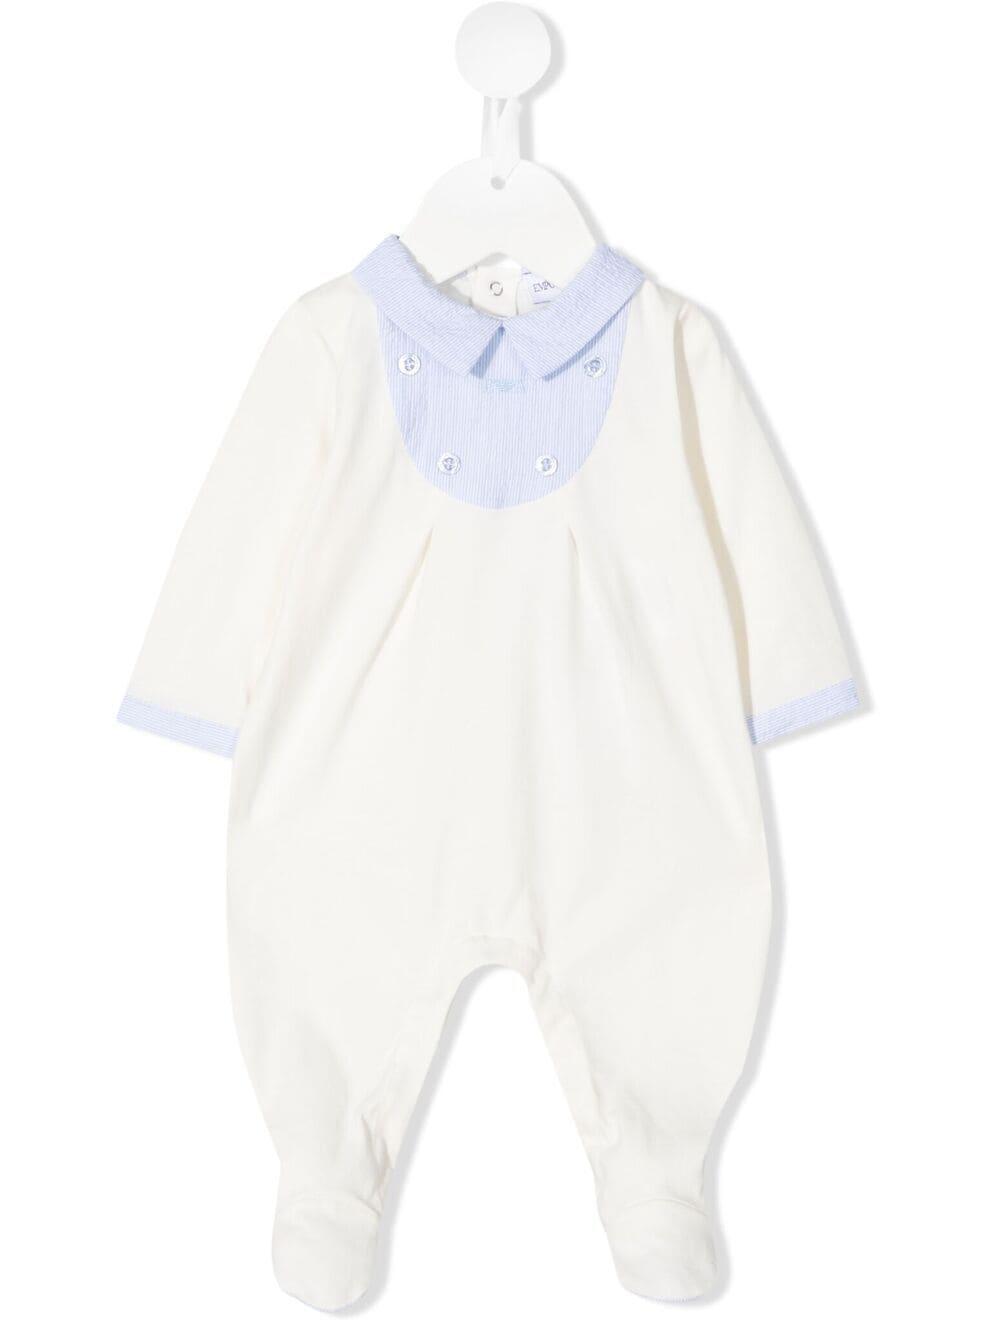 emporio armani tutina in jersey con inserto in lino EMPORIO ARMANI KIDS | Tutina | 3KHD914N54ZF703